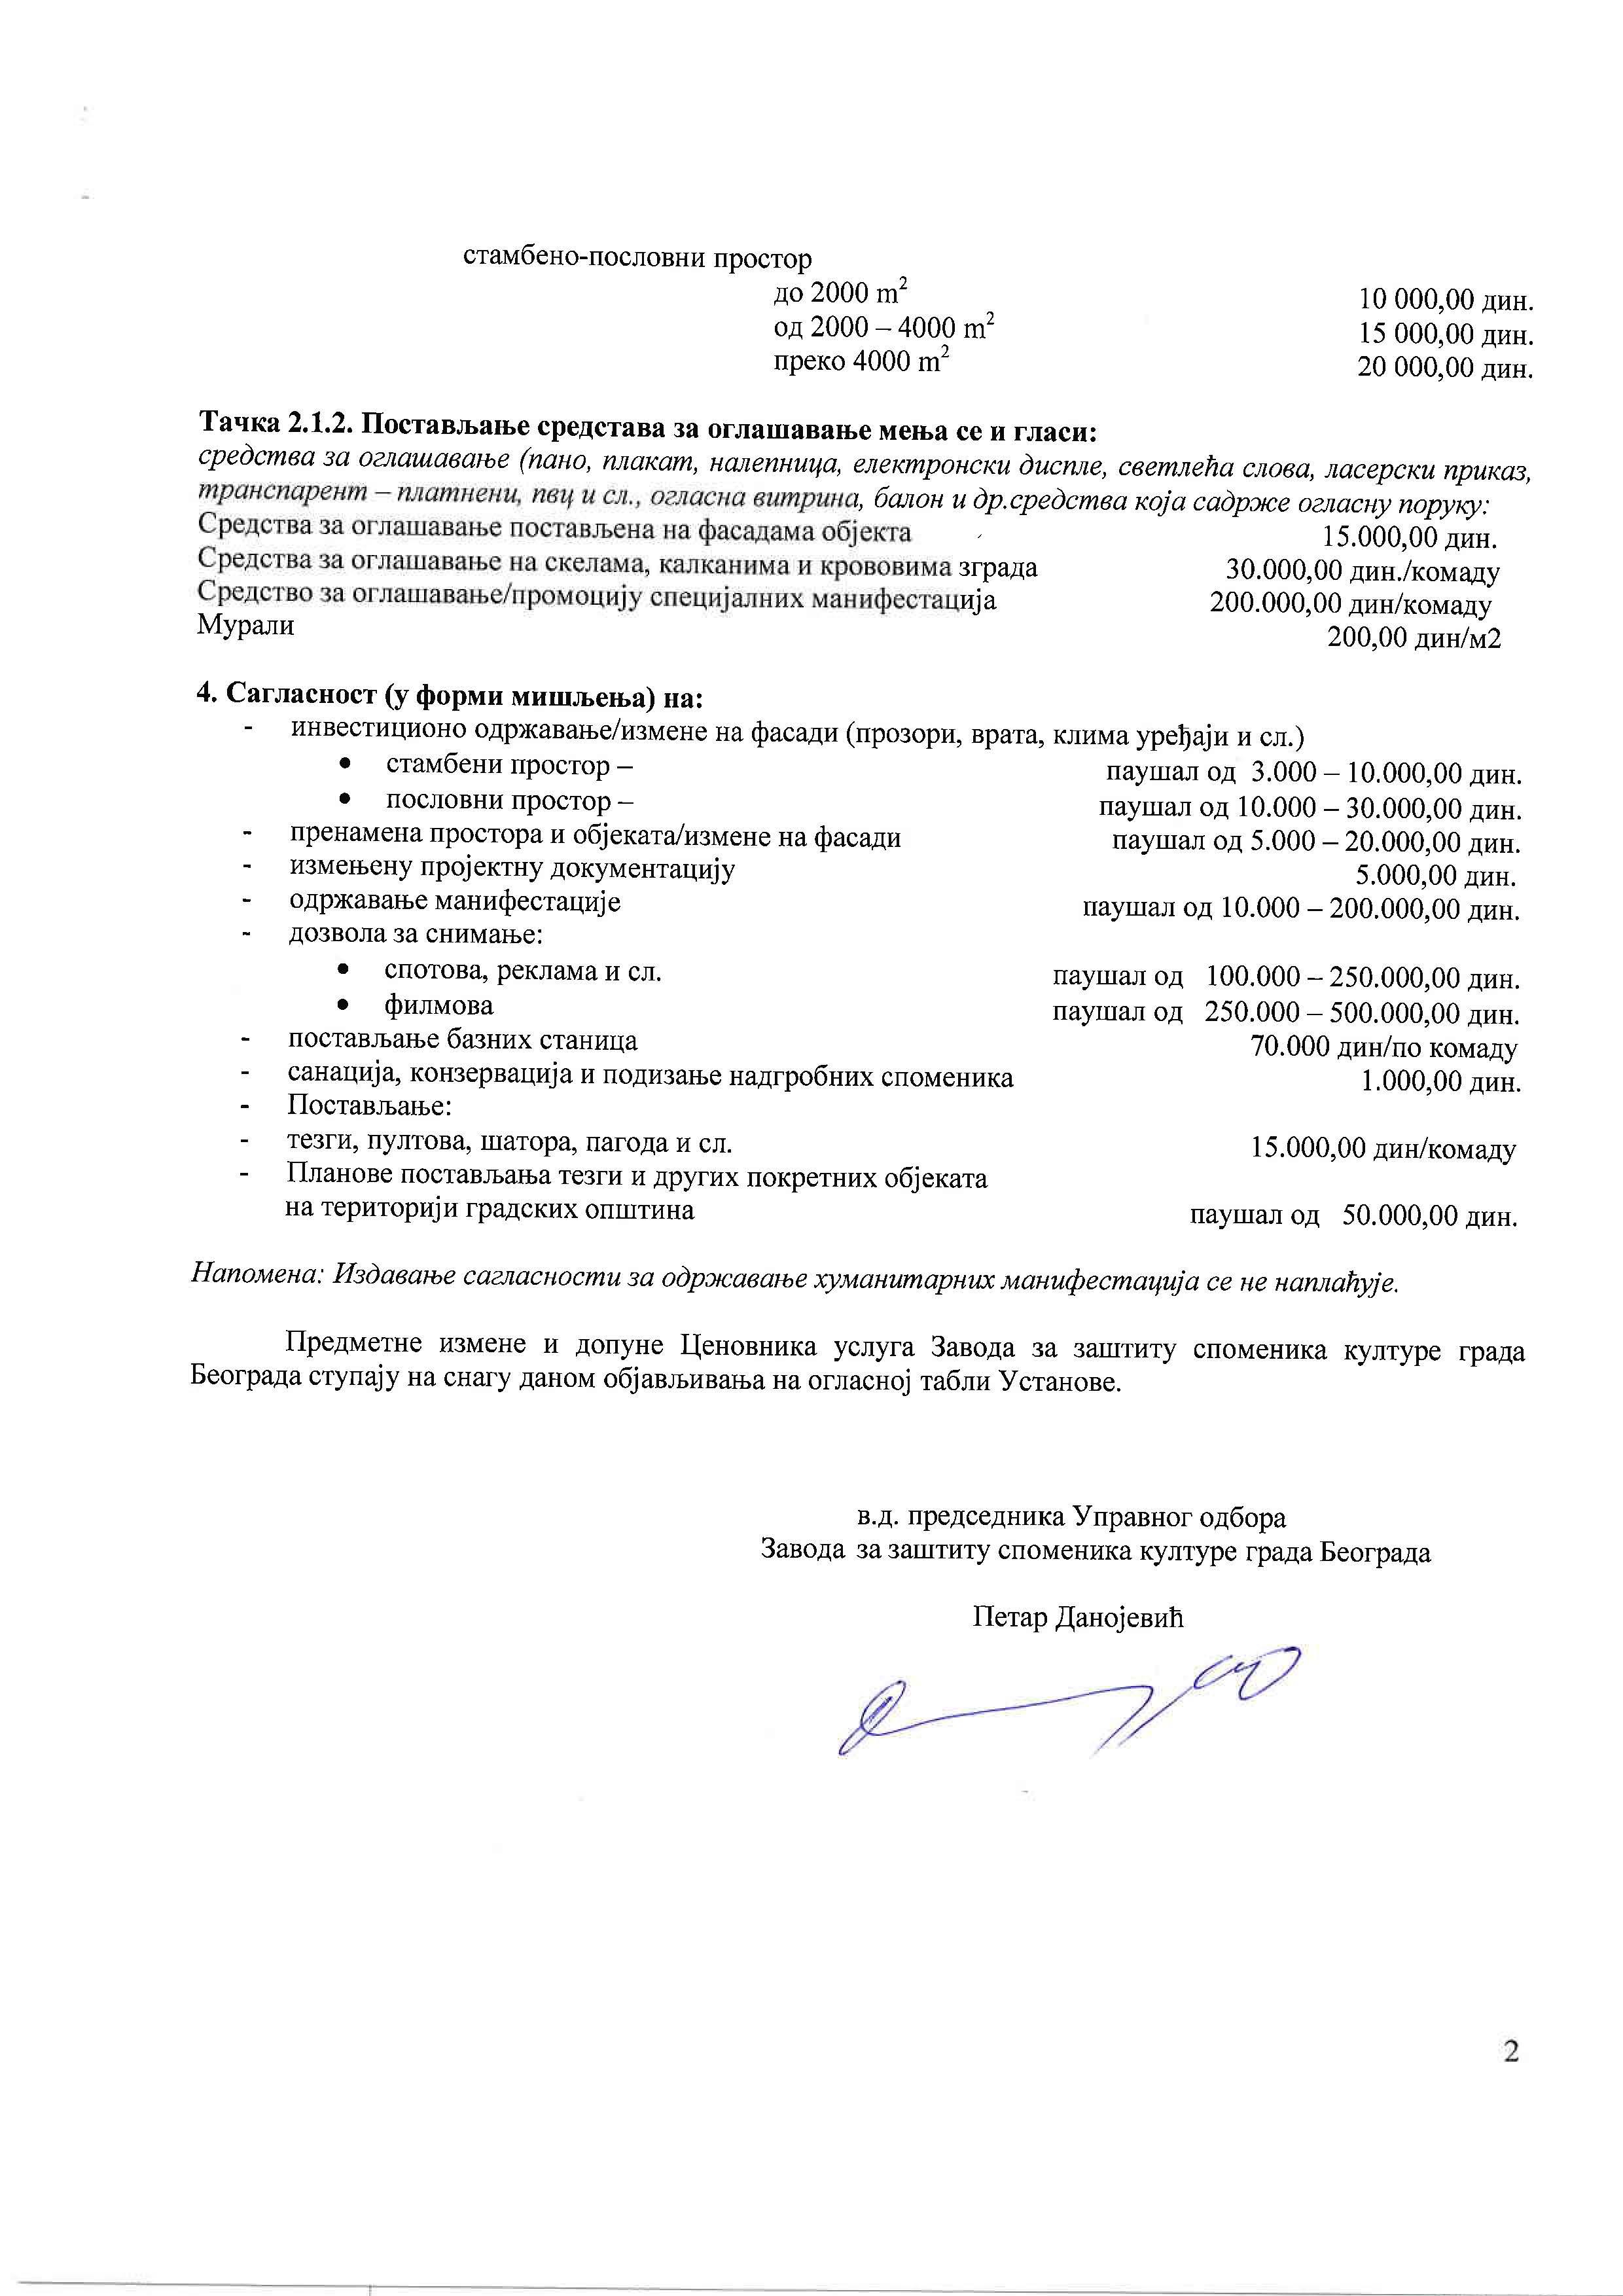 izmena i dopuna cenovnika - 19.08.2016._Page_2